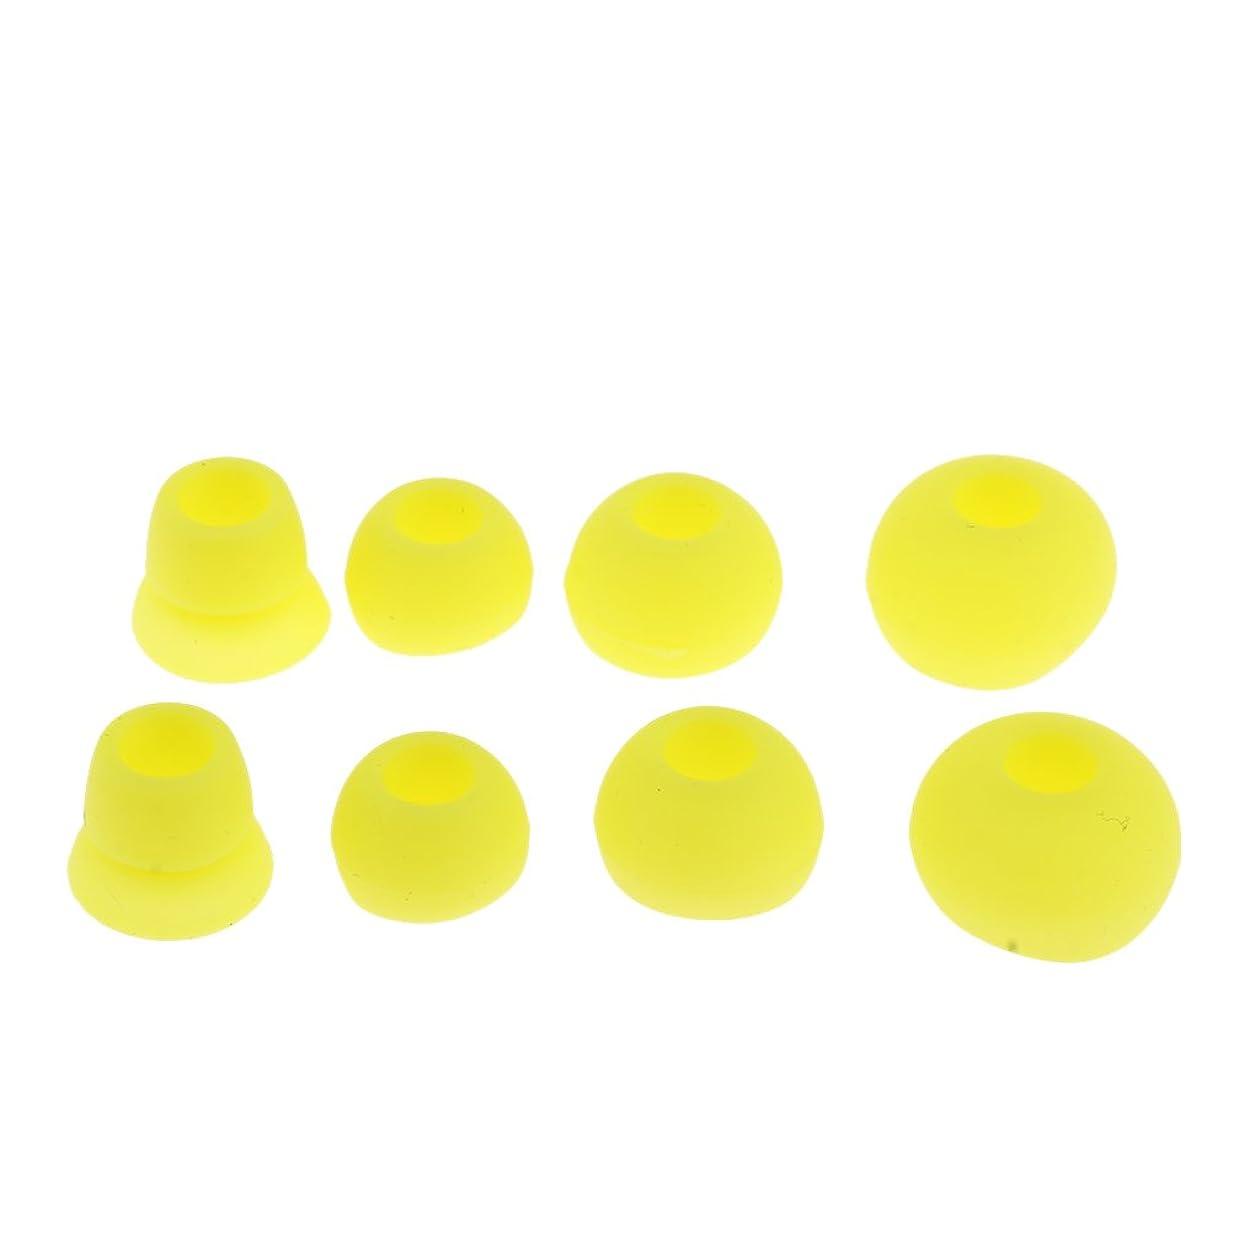 ほこりっぽい指導するジャンクションシリコン イヤホン イヤーカップ 安定性 帯電防止 PowerBeats 2.0 PBイヤホンに対応 全5色 - 黄